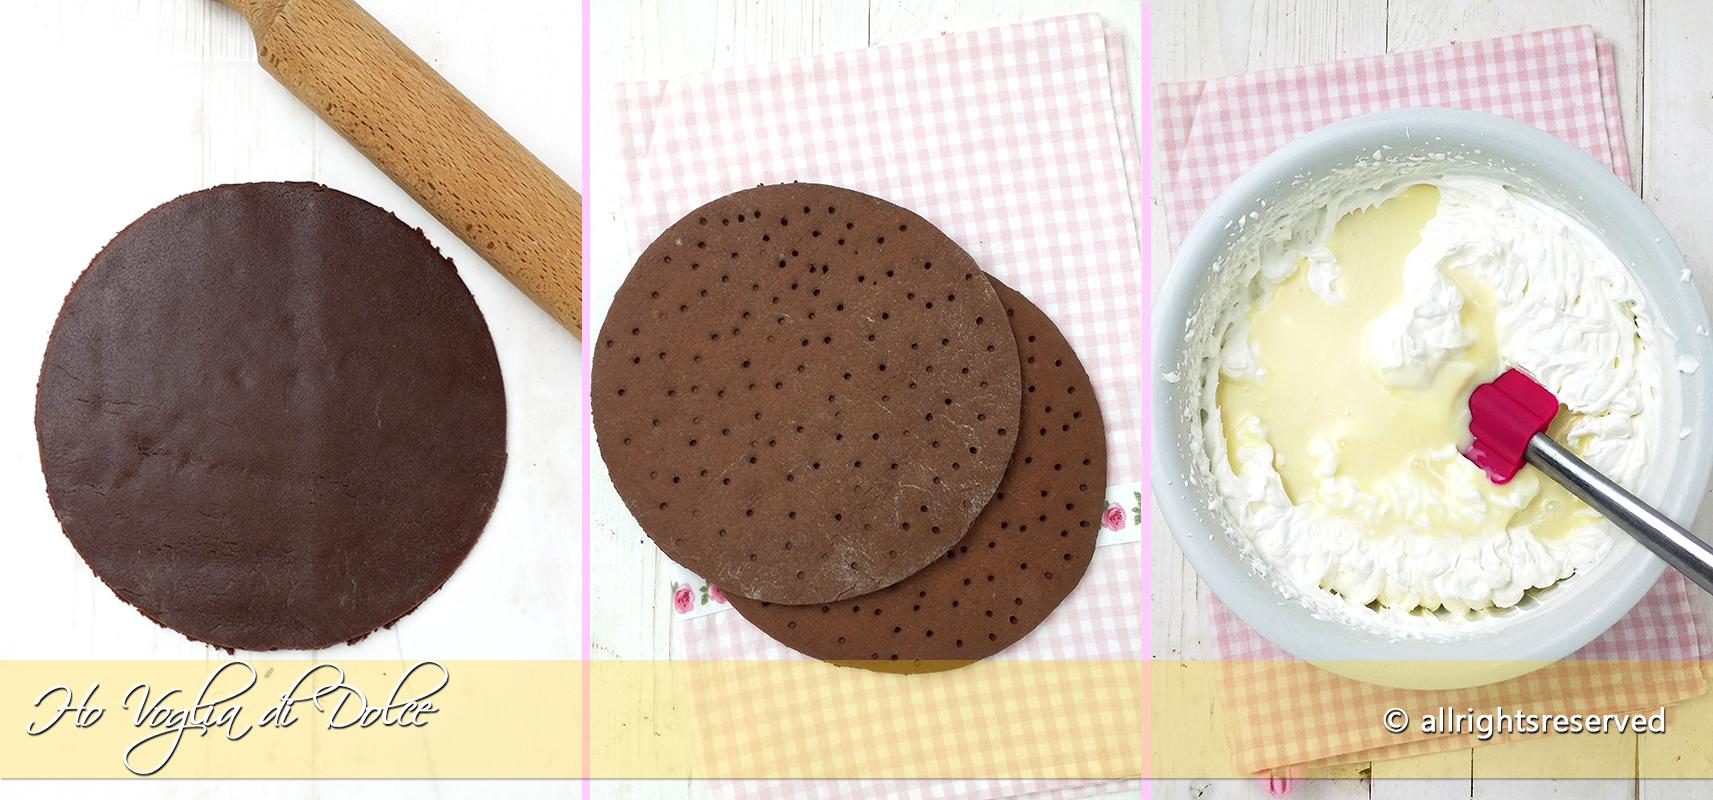 torta-gelato-biscotto-bigusto-ricetta-passaggi